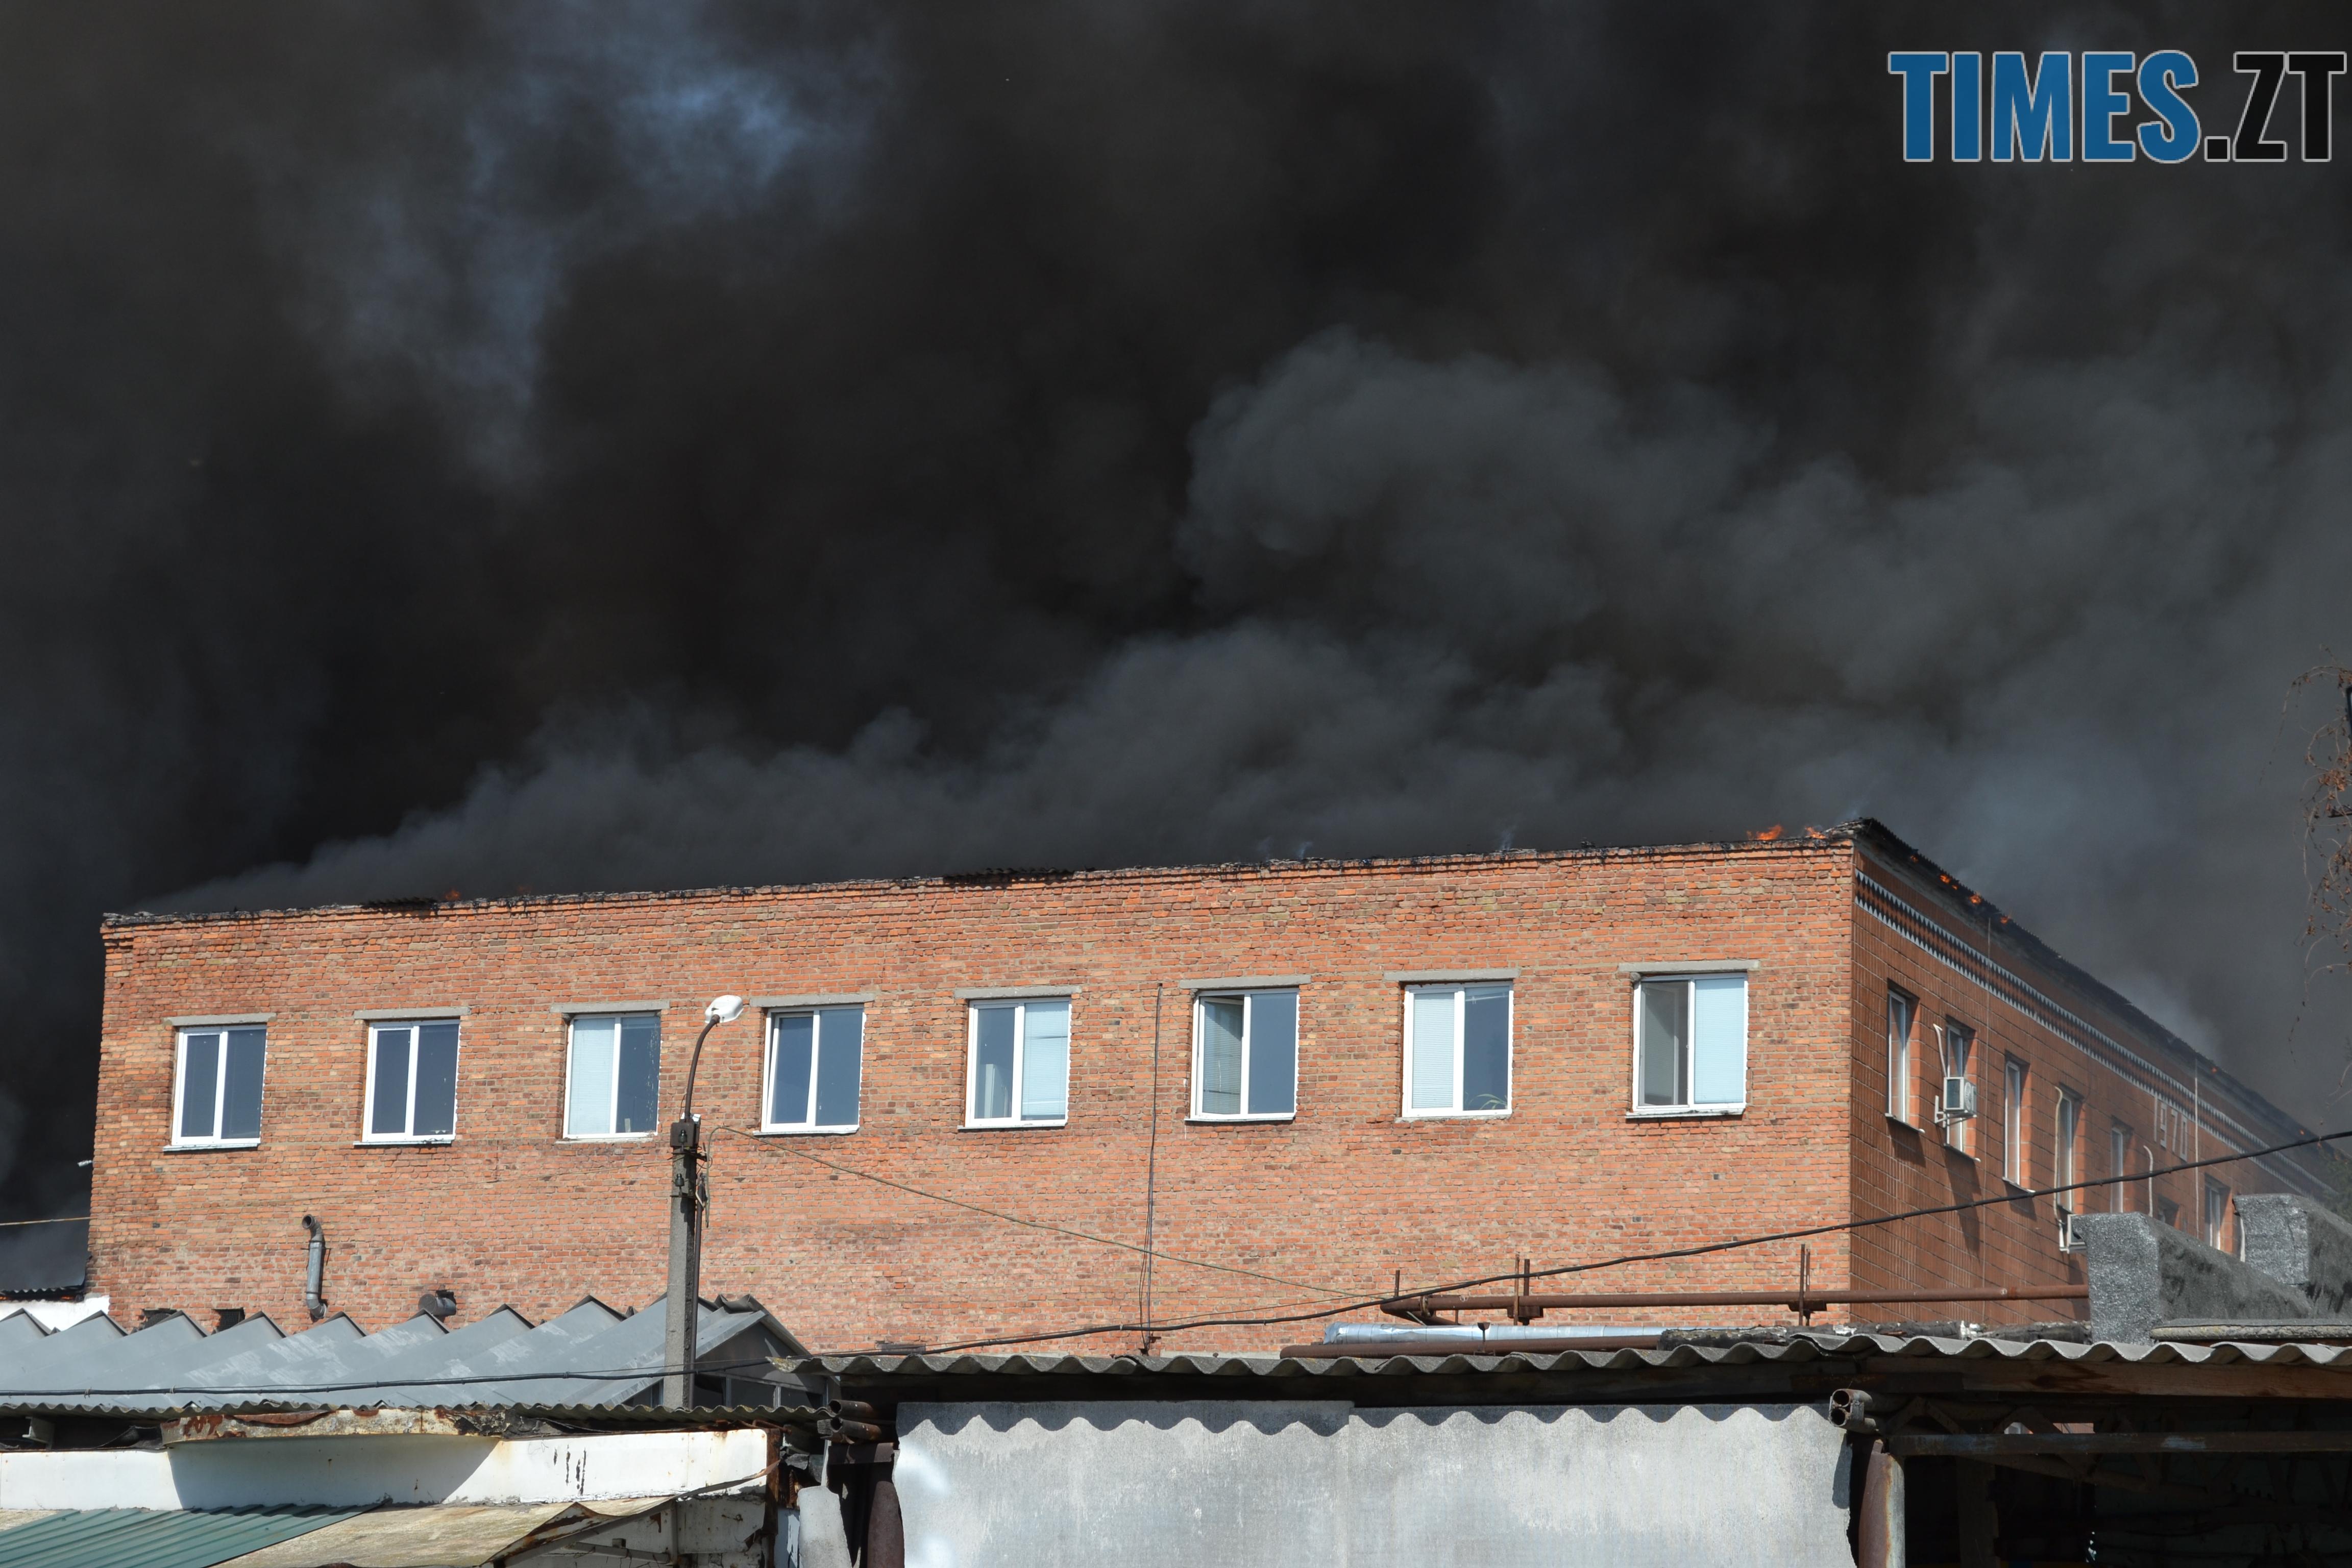 DSC 2897 - Вогонь перекинувся на адмінбудівлю Картонного комбінату: пожежу гасять 11 автомобілів та 63 пожежники (ФОТО, ВІДЕО)